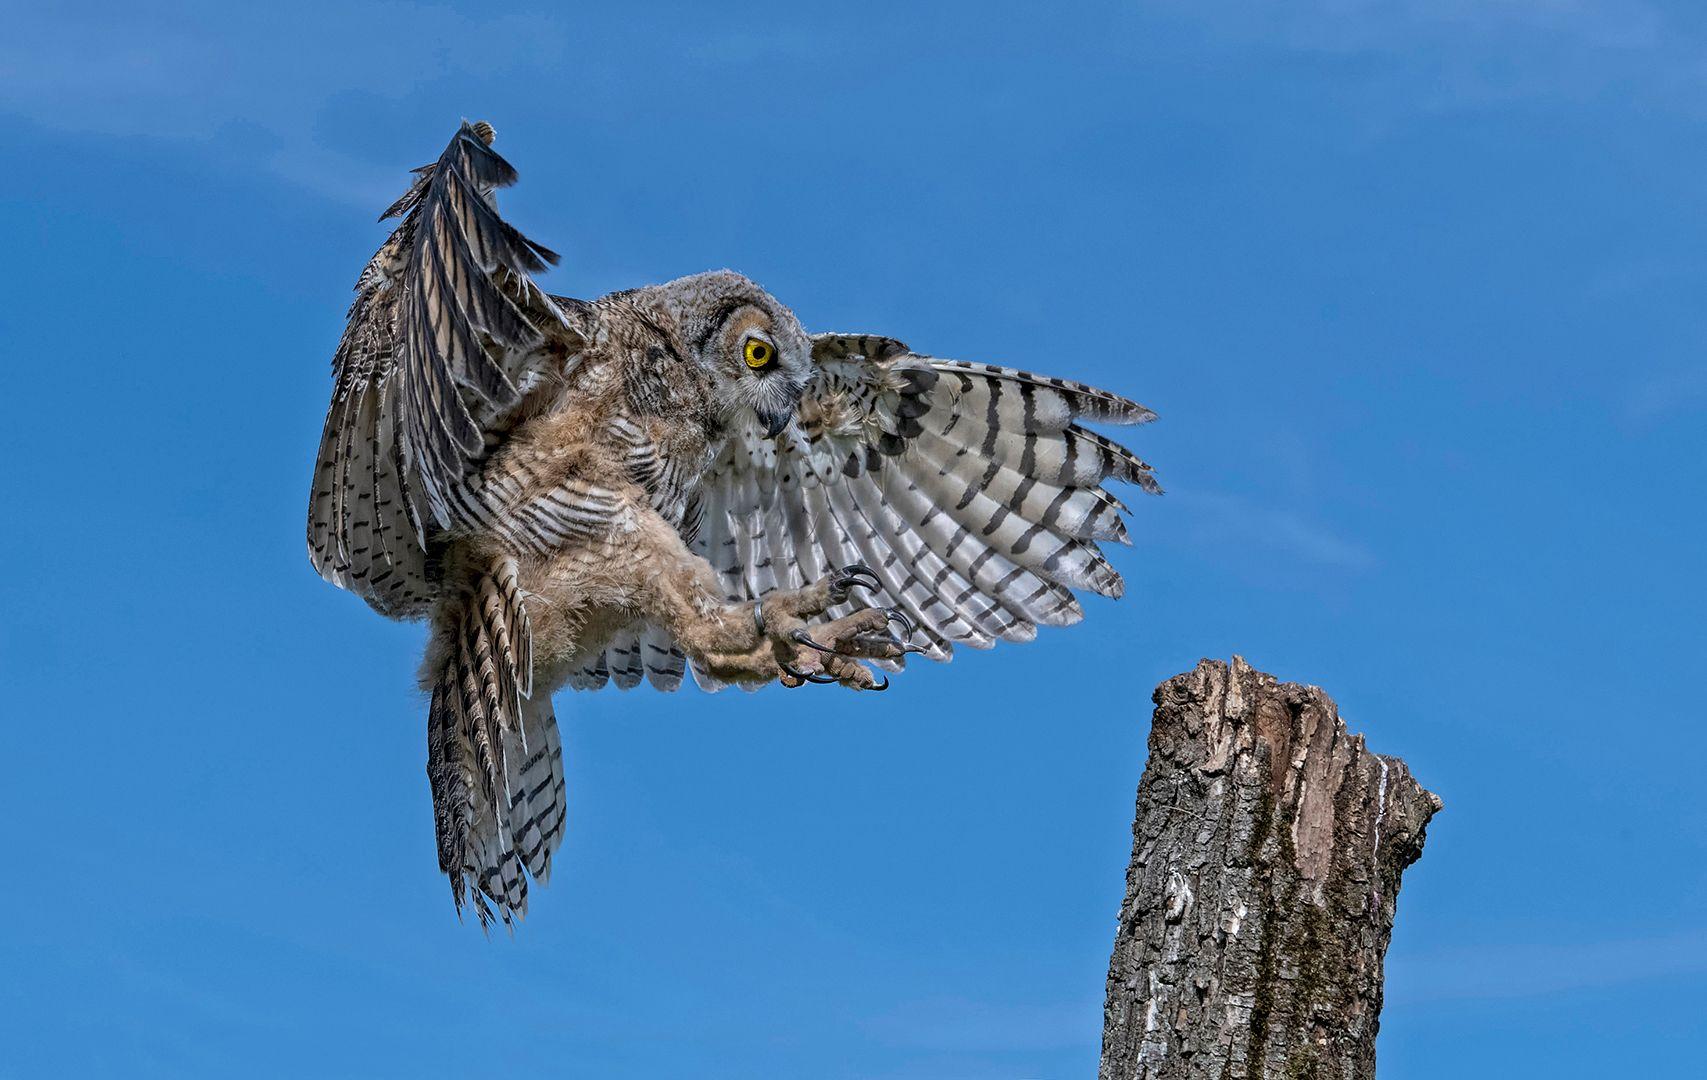 Mabel Au – Great Horned Owl Landing – 1st